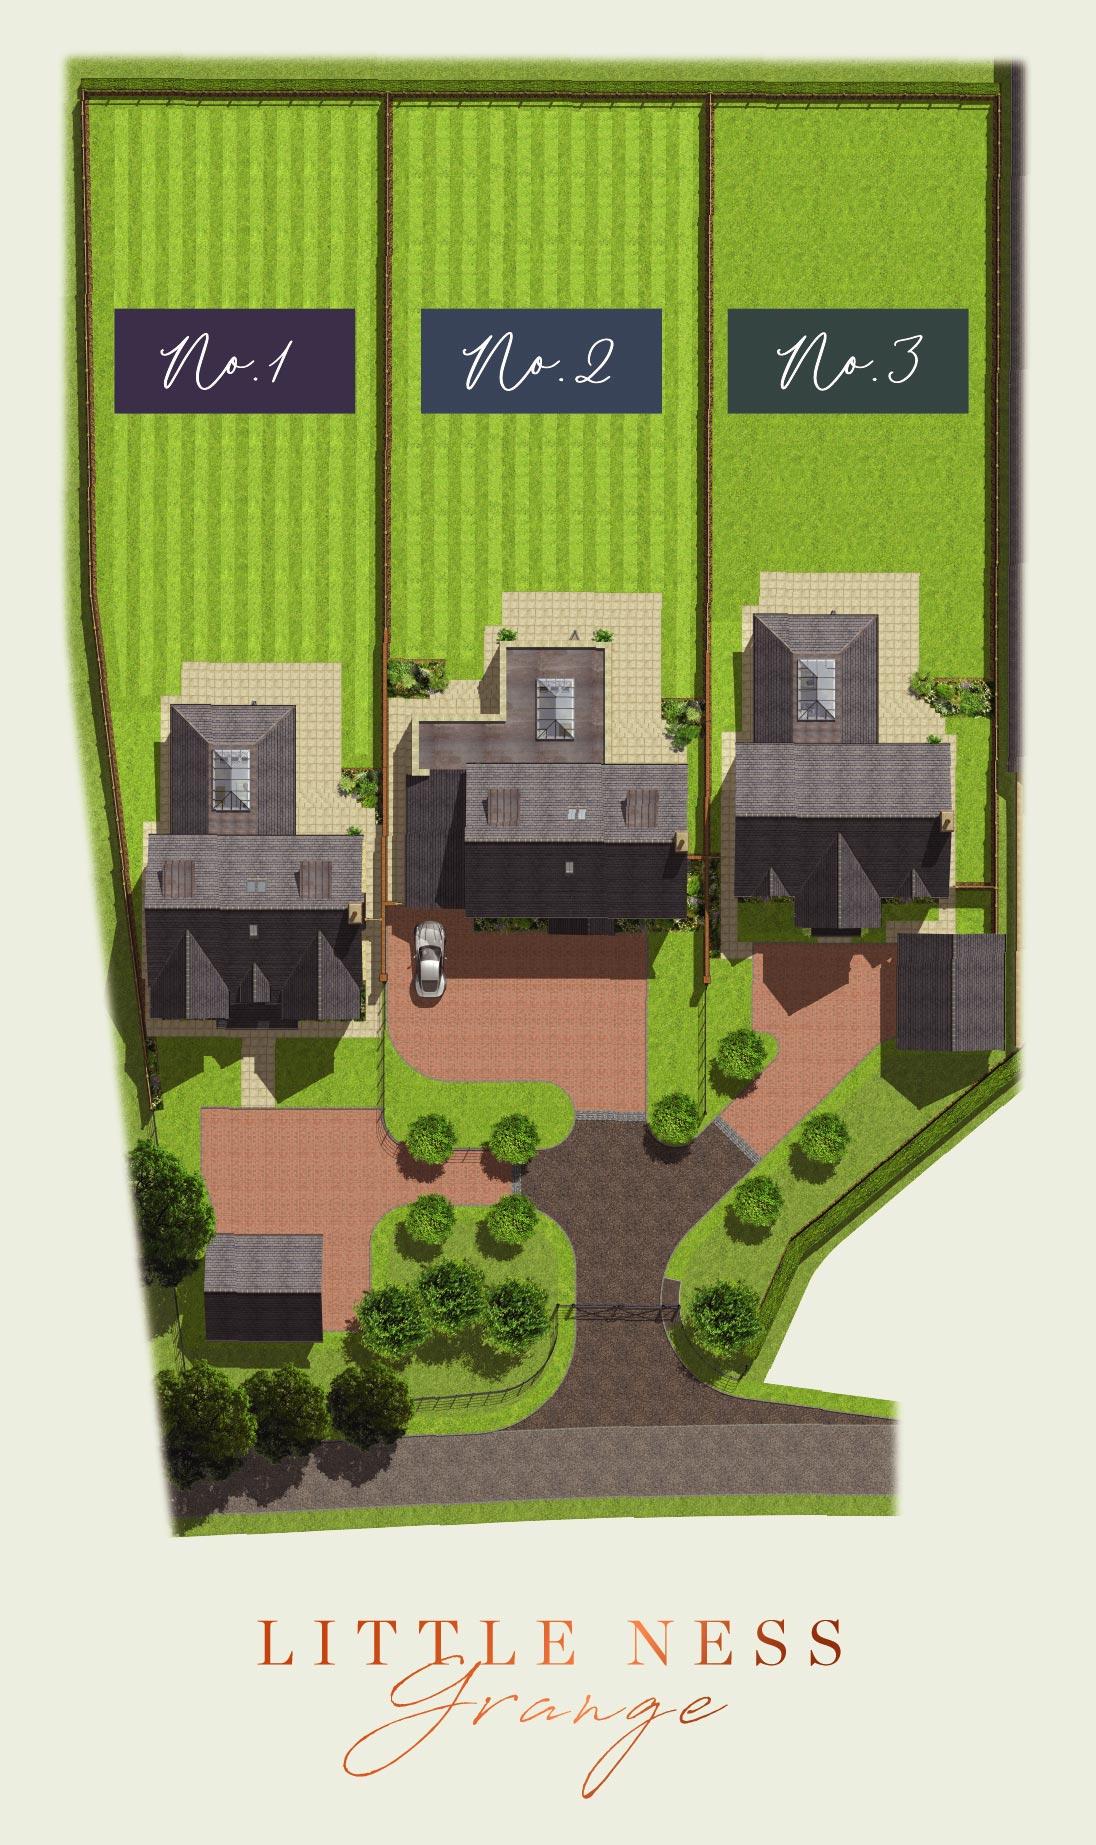 Little Ness Grange Site Plan